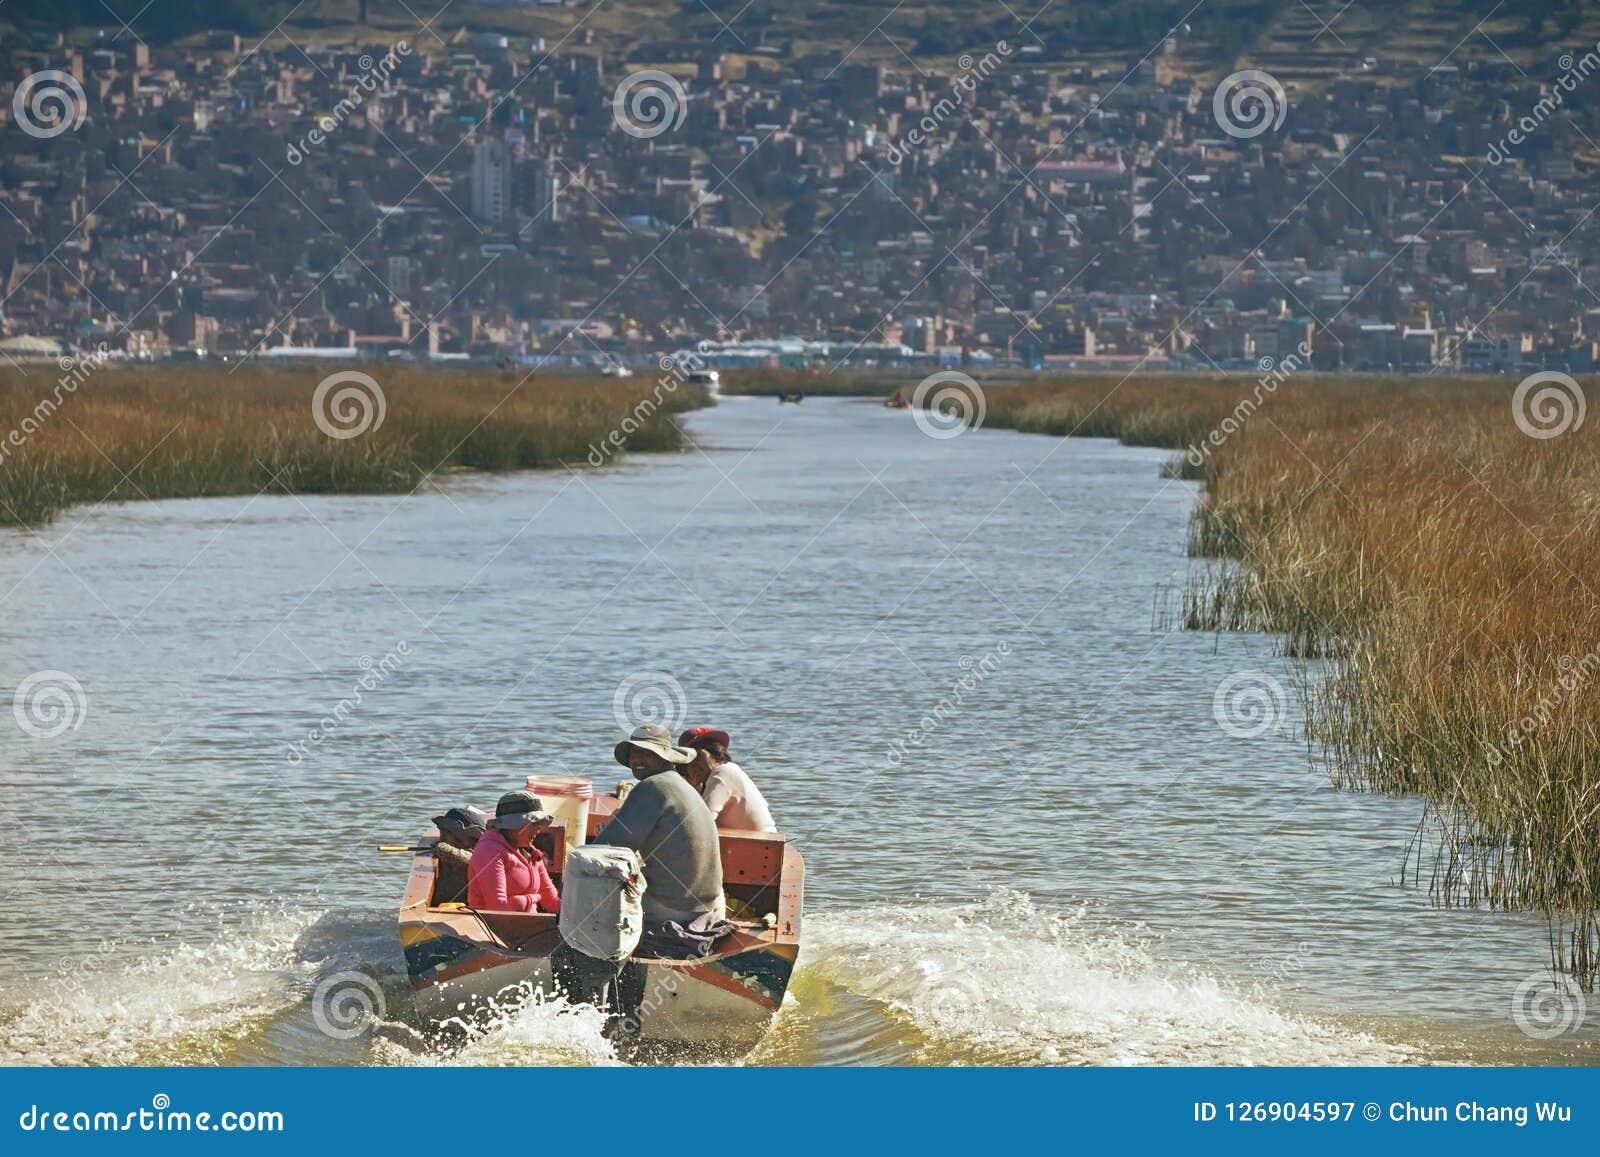 Titicaca-See, Peru - 17. August 2018: Eine Peruanerfamilie segelt auf Titicaca-See, ein großer, tiefer See in den Anden auf der G